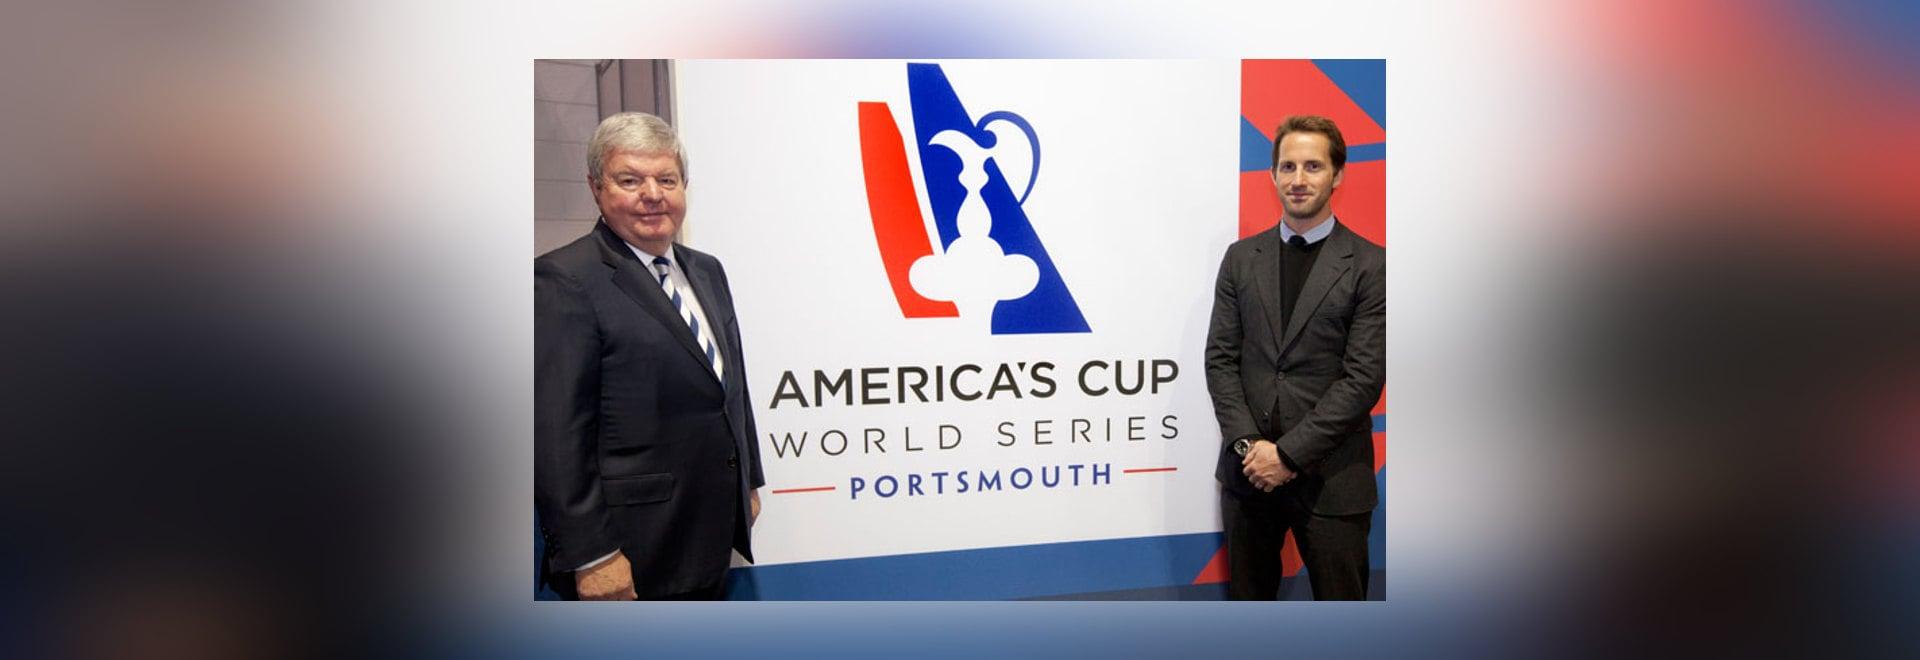 Un demi-million ont compté visiter Portsmouth pendant l'Amérique ? série du monde de tasse de s